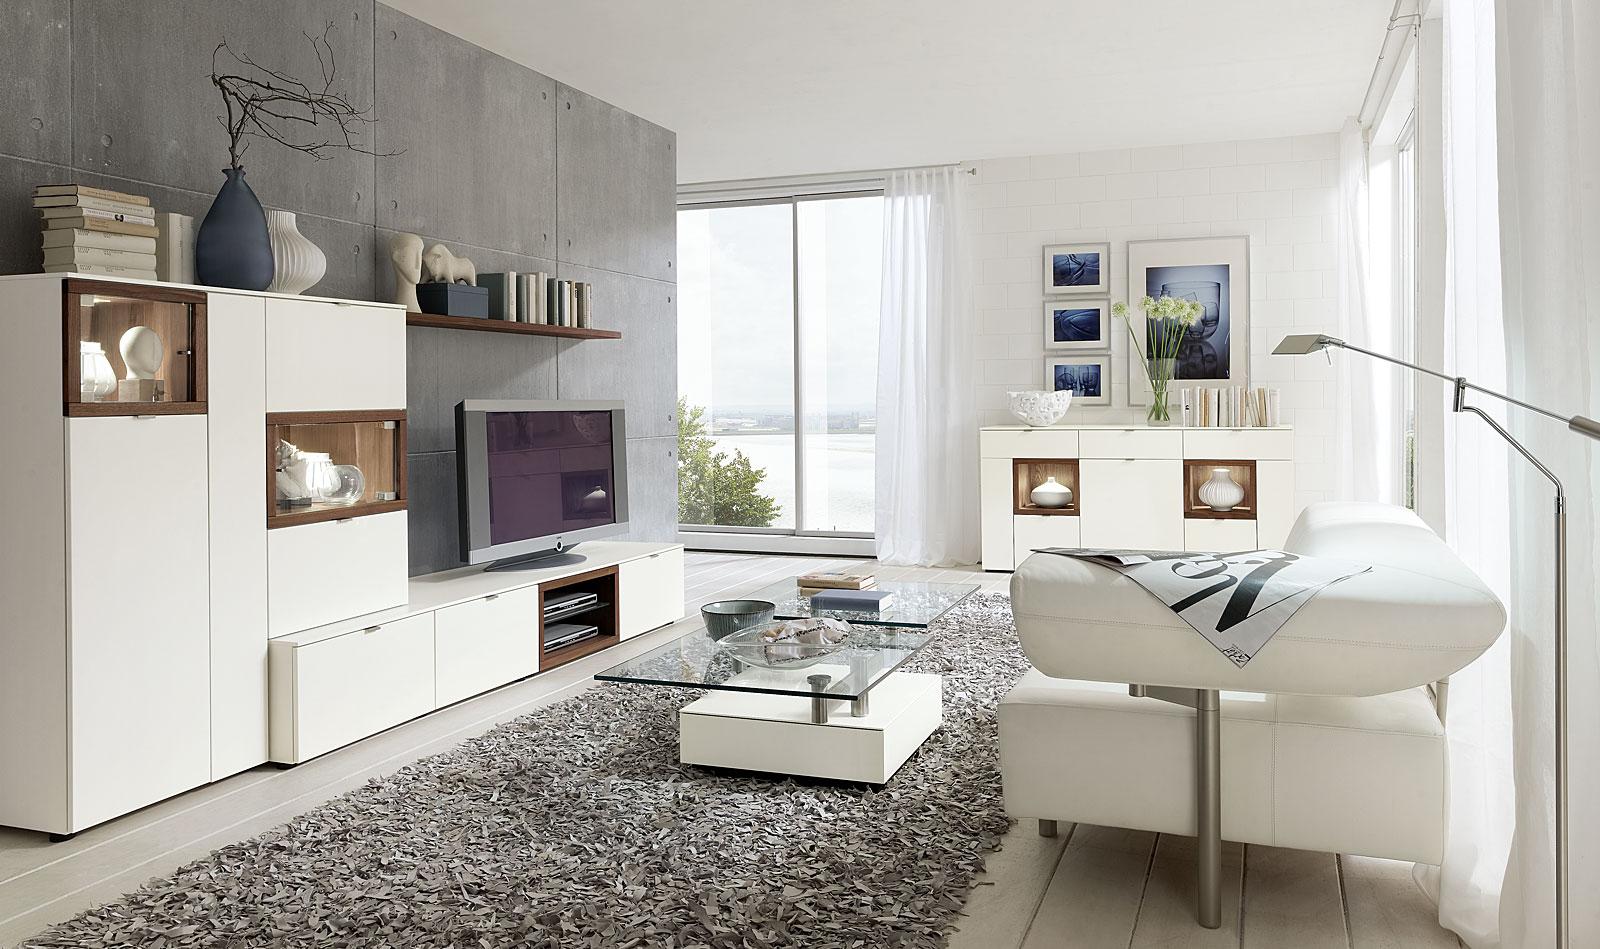 Wohnzimmer  Programme  andiamo  Venjakob Mbel  Vorsprung durch Design und Qualitt